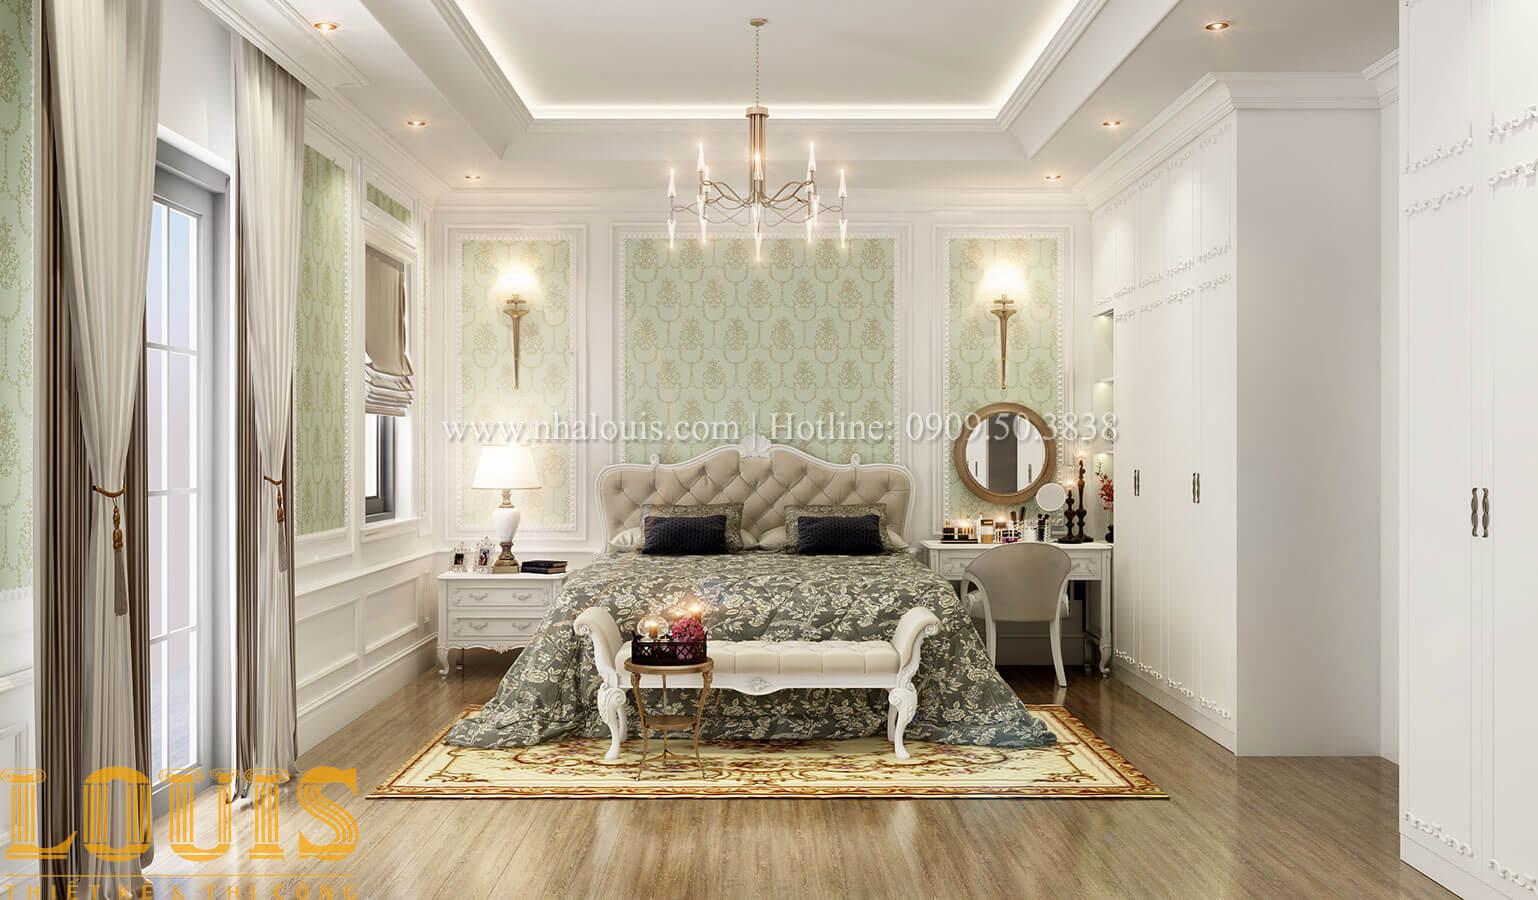 Phòng ngủ master Thiết kế biệt thự 3 tầng đẹp có sân vườn ở miền quê Đồng Nai - 21